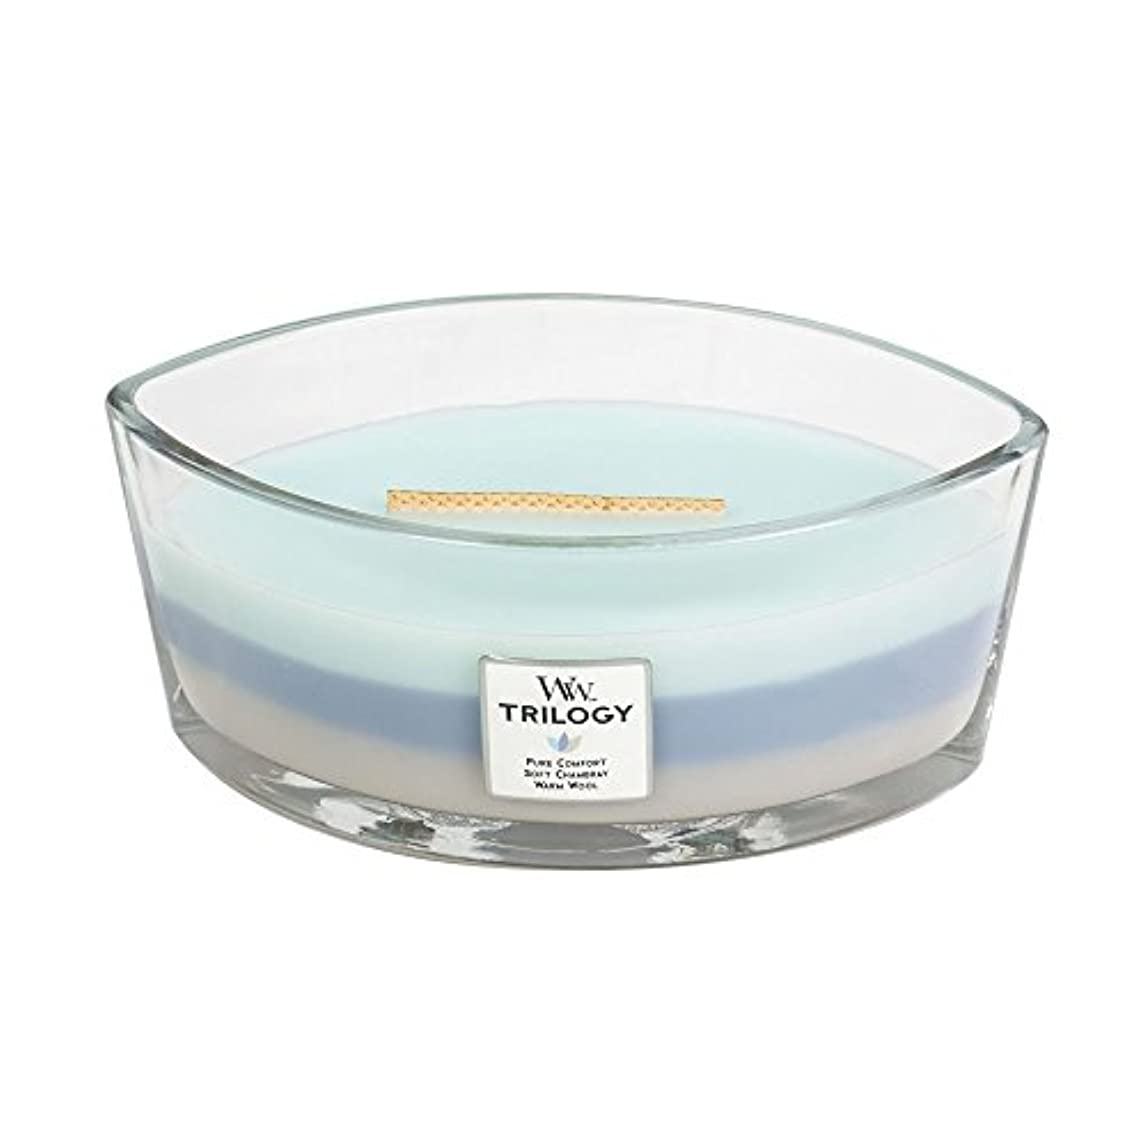 平日チェリー勤勉なWoodWick Trilogy WOVEN COMFORTS, 3-in-1 Highly Scented Candle, Ellipse Glass Jar with Original HearthWick Flame...